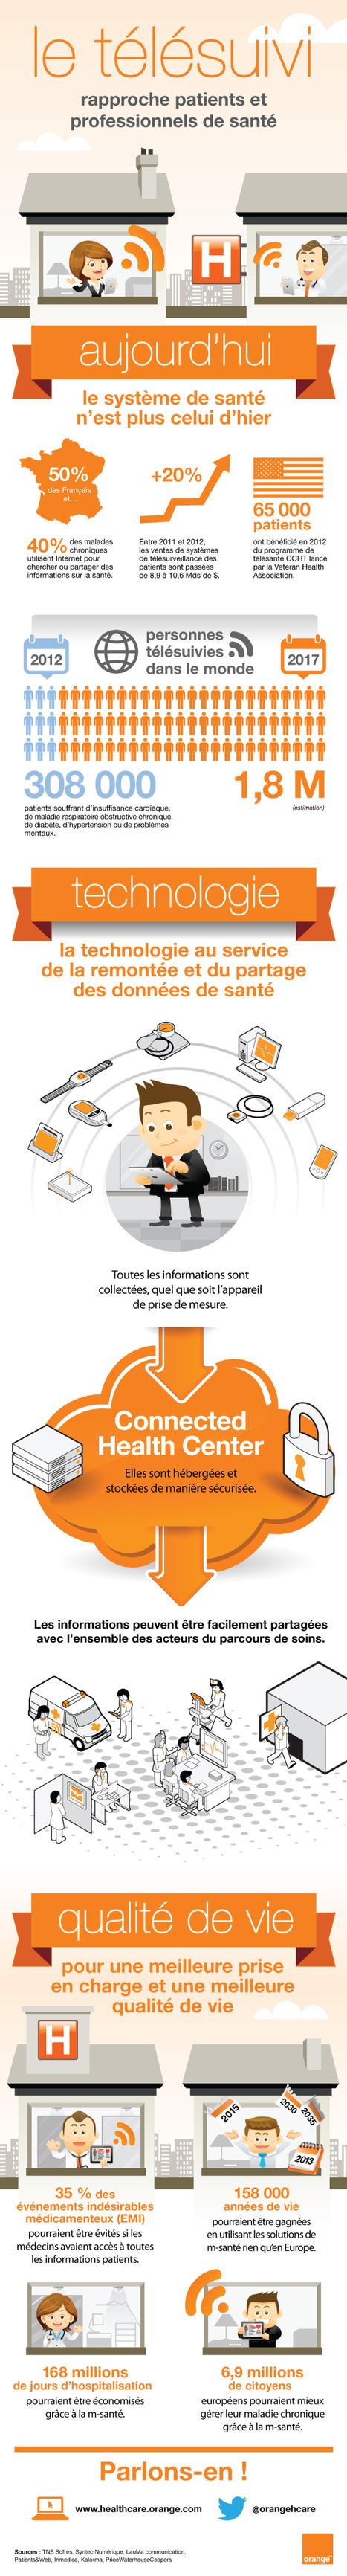 Orange Healthcare - le télésuivi rapproche patients et professionnels de santé   Infographie santé   Scoop.it